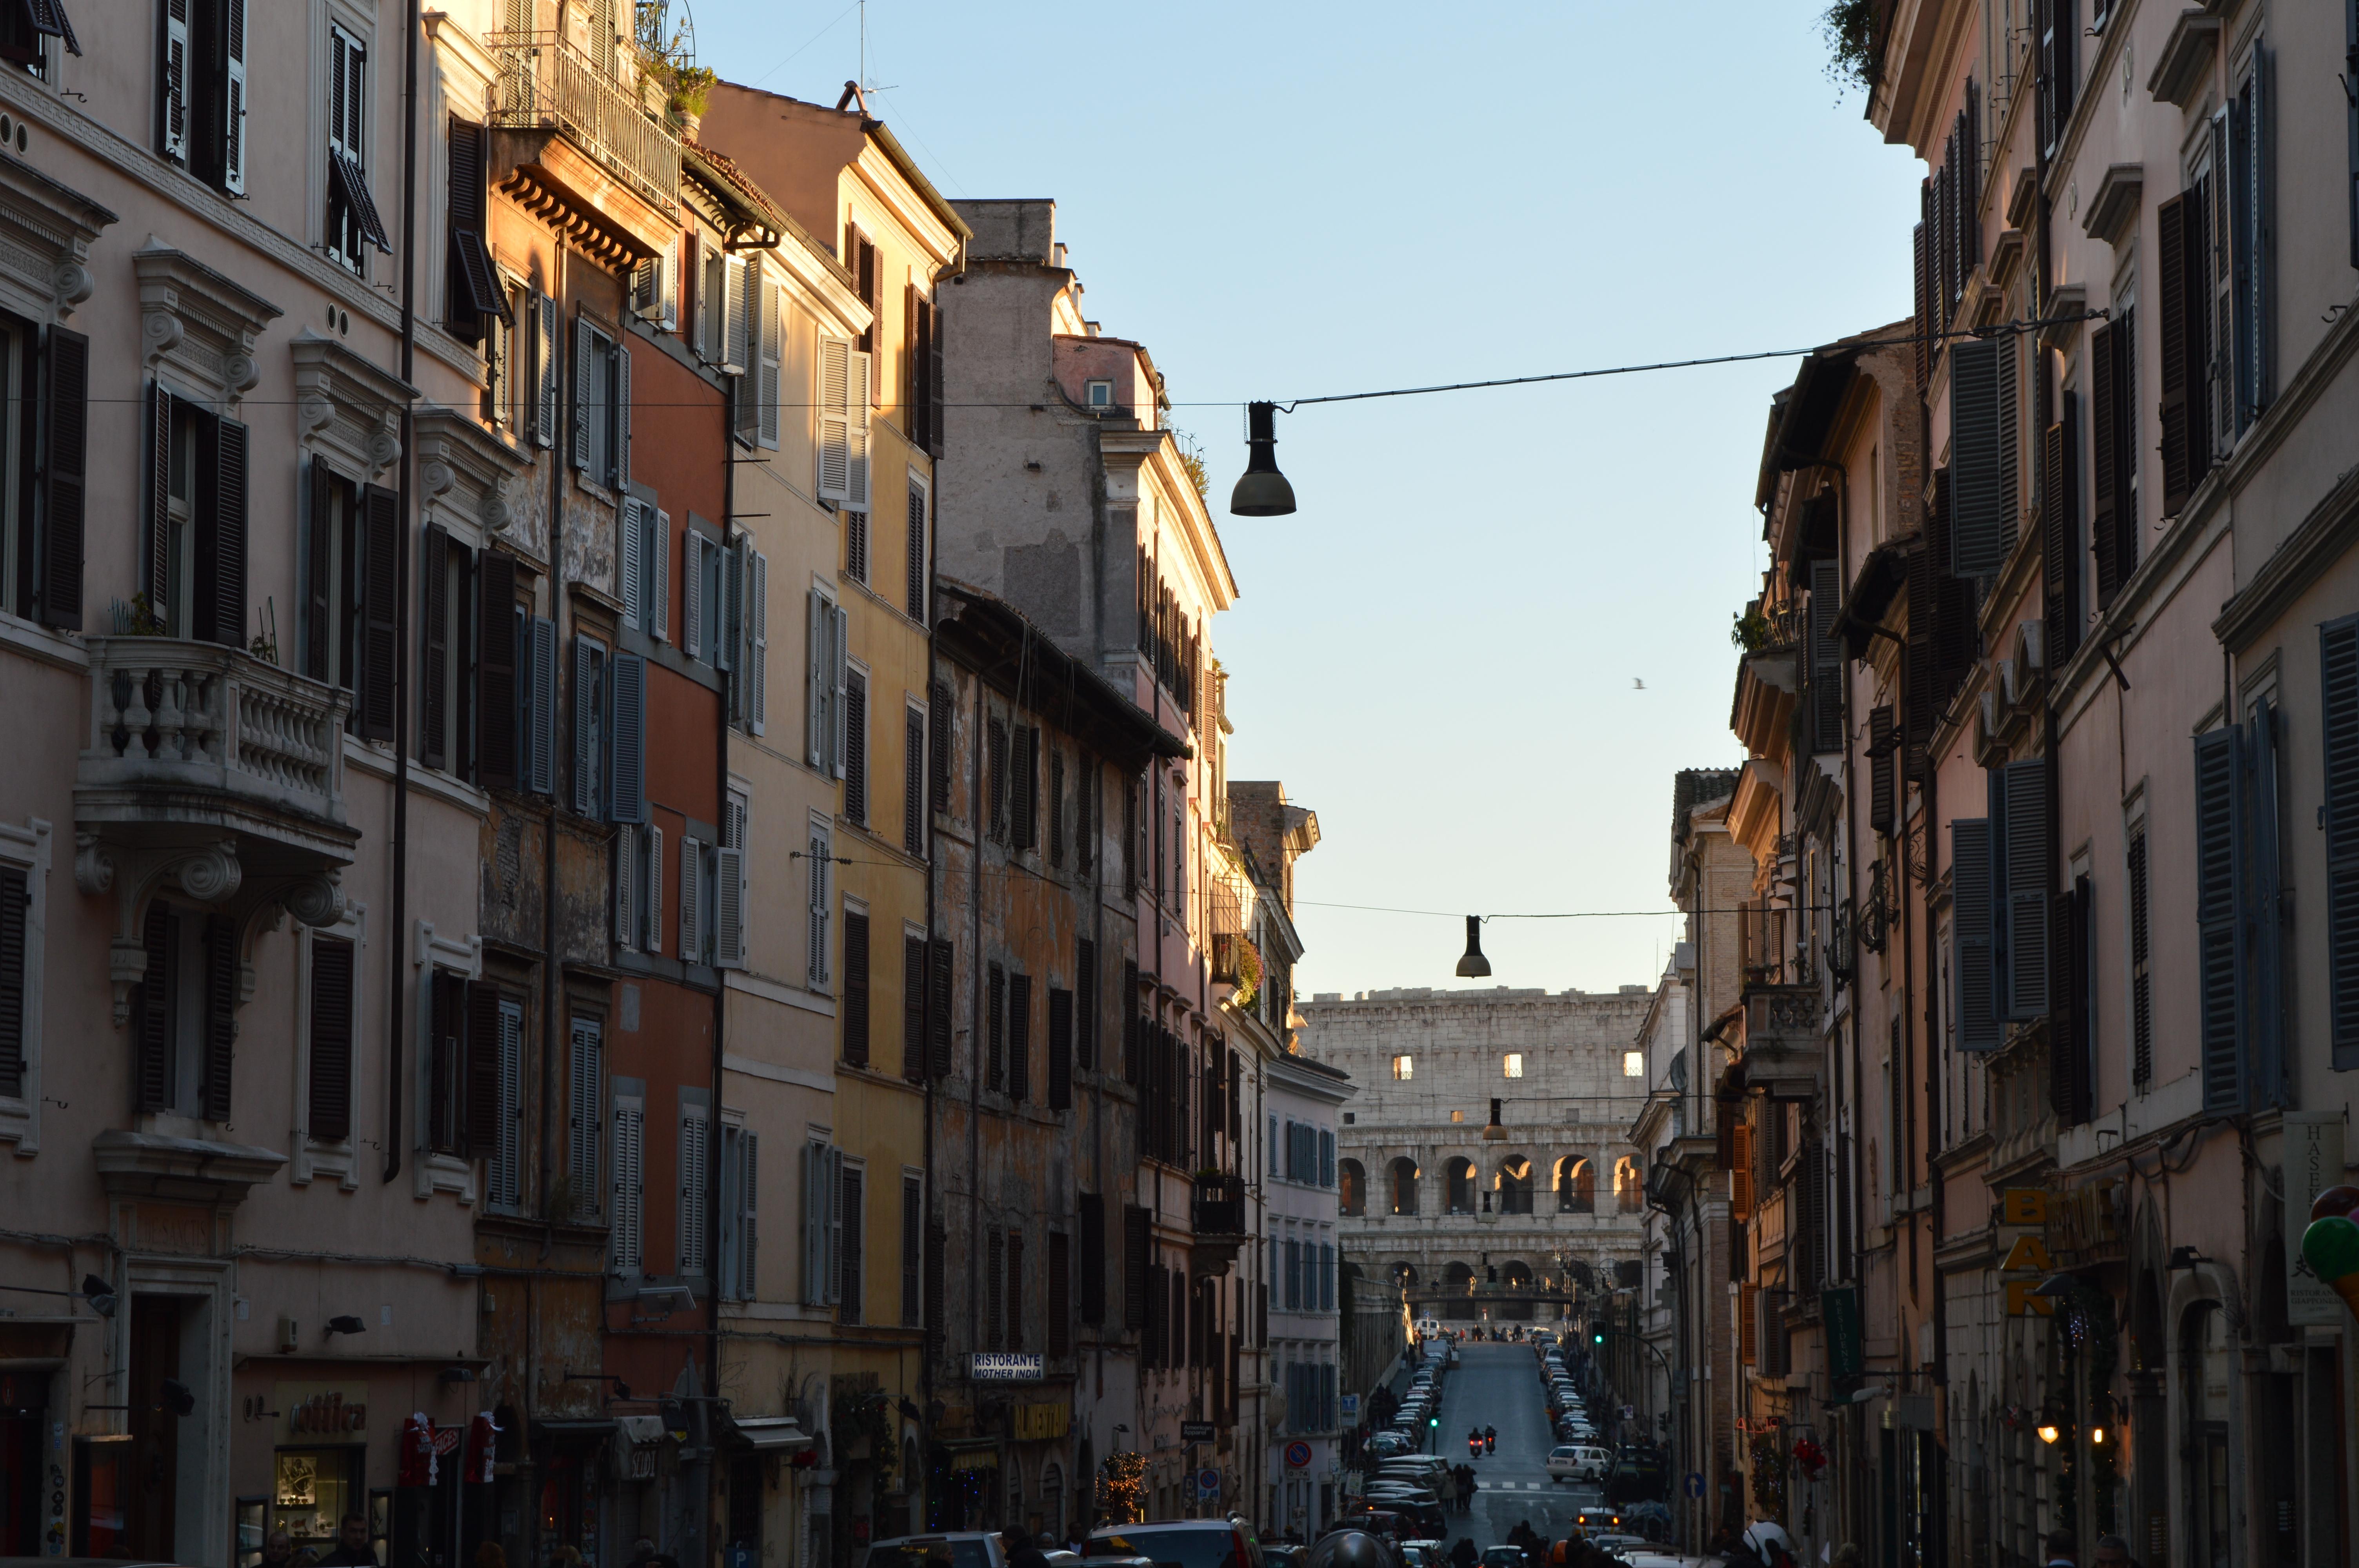 Rome Spectacular Sights Hidden Gems The Curious Sparrow